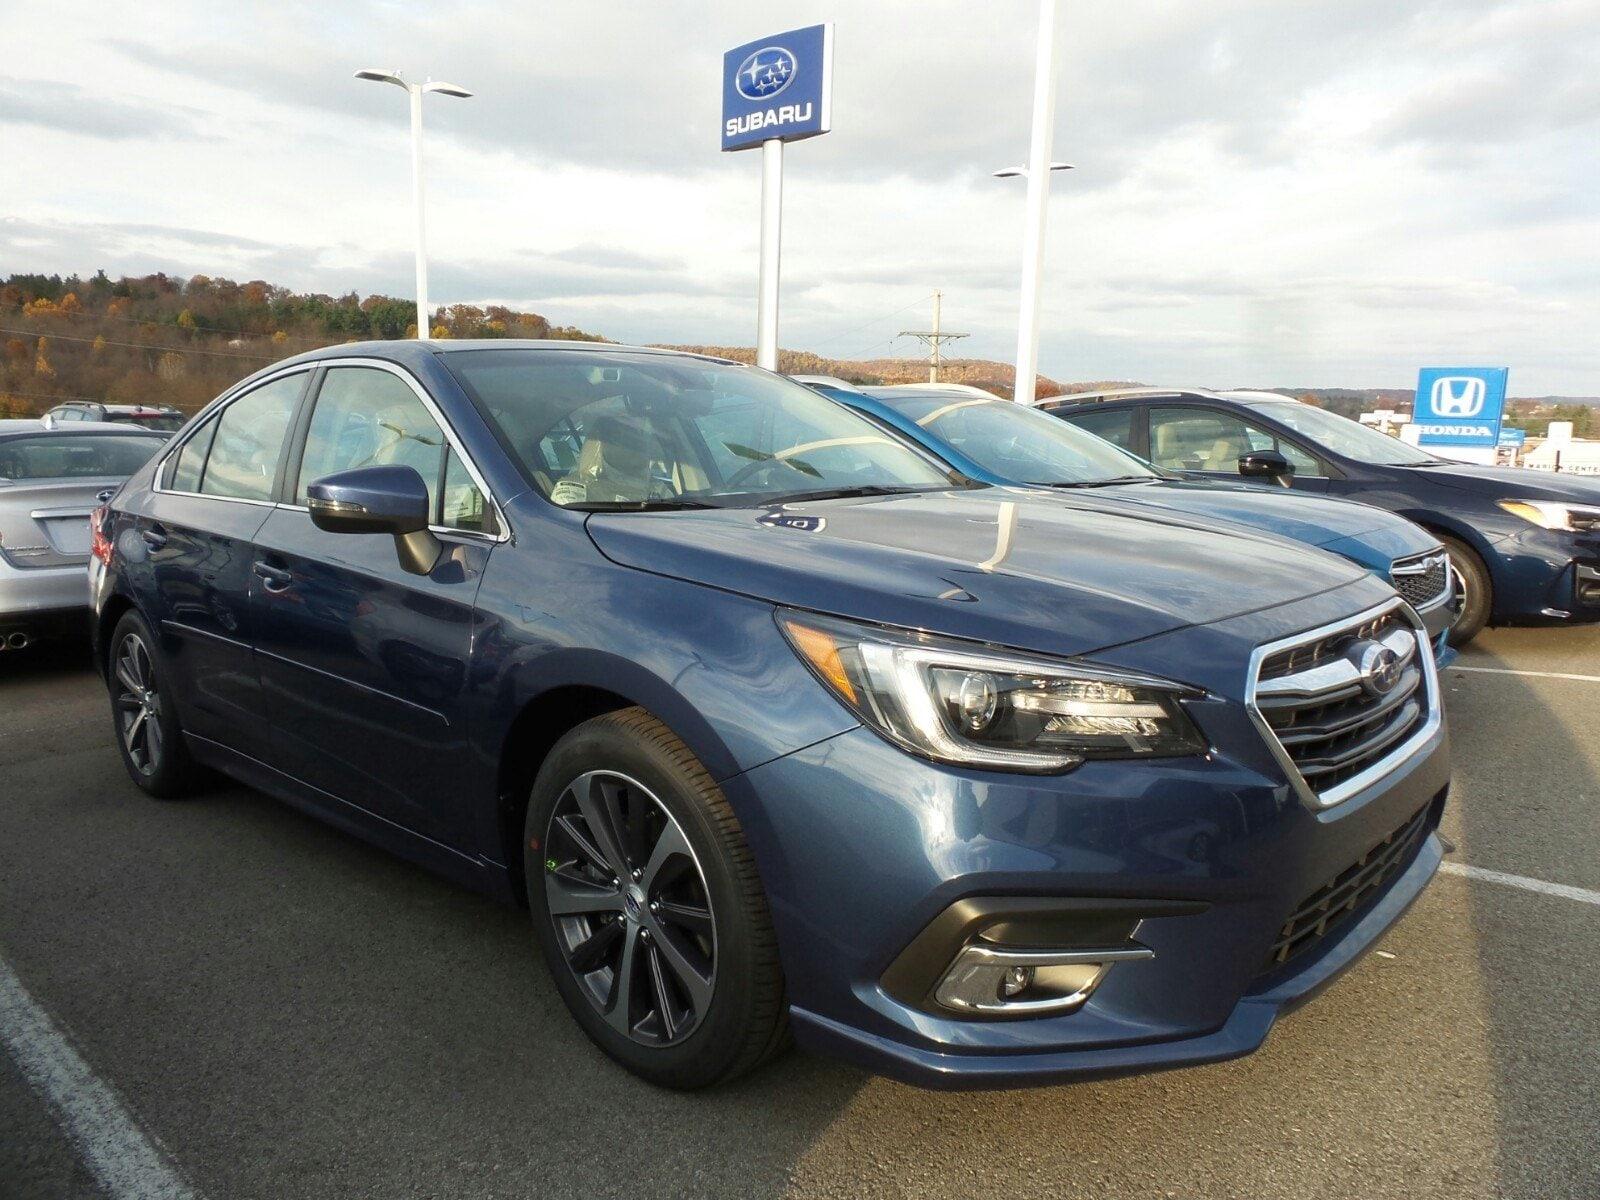 2019 Subaru Legacy Limited 3.6R Limited